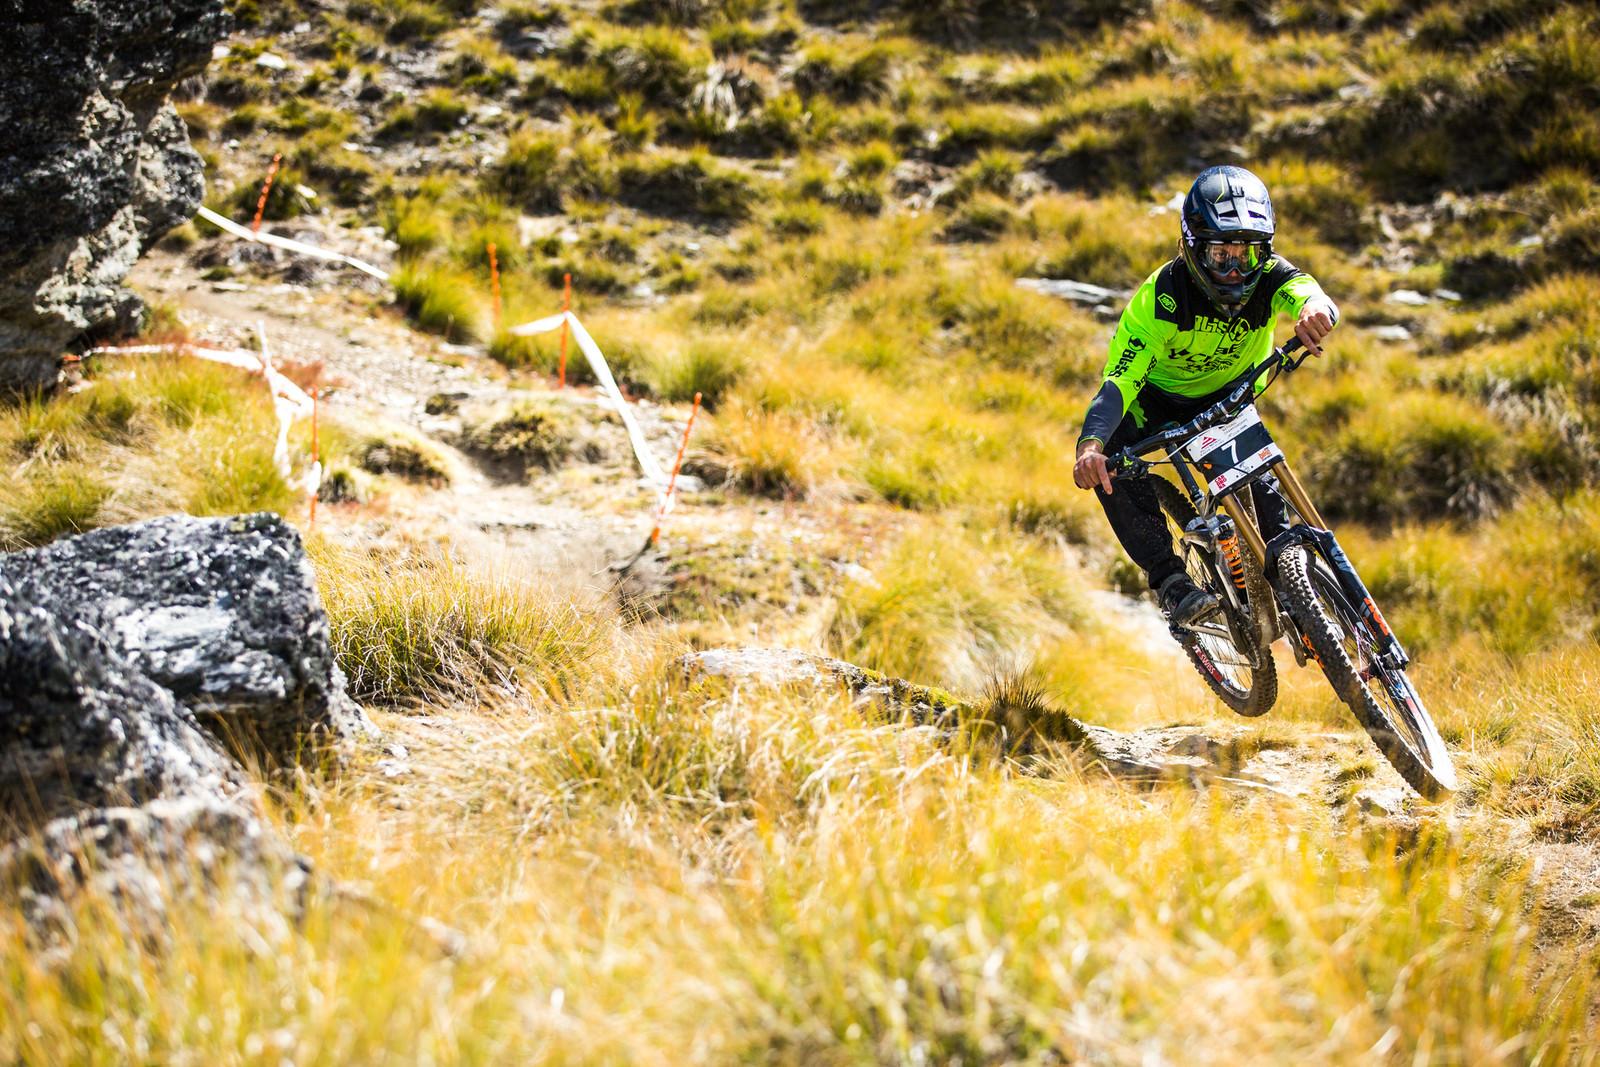 Matt Walker - Blenki, Brook & More - 2018 NZ National Champs Day 1 - Mountain Biking Pictures - Vital MTB